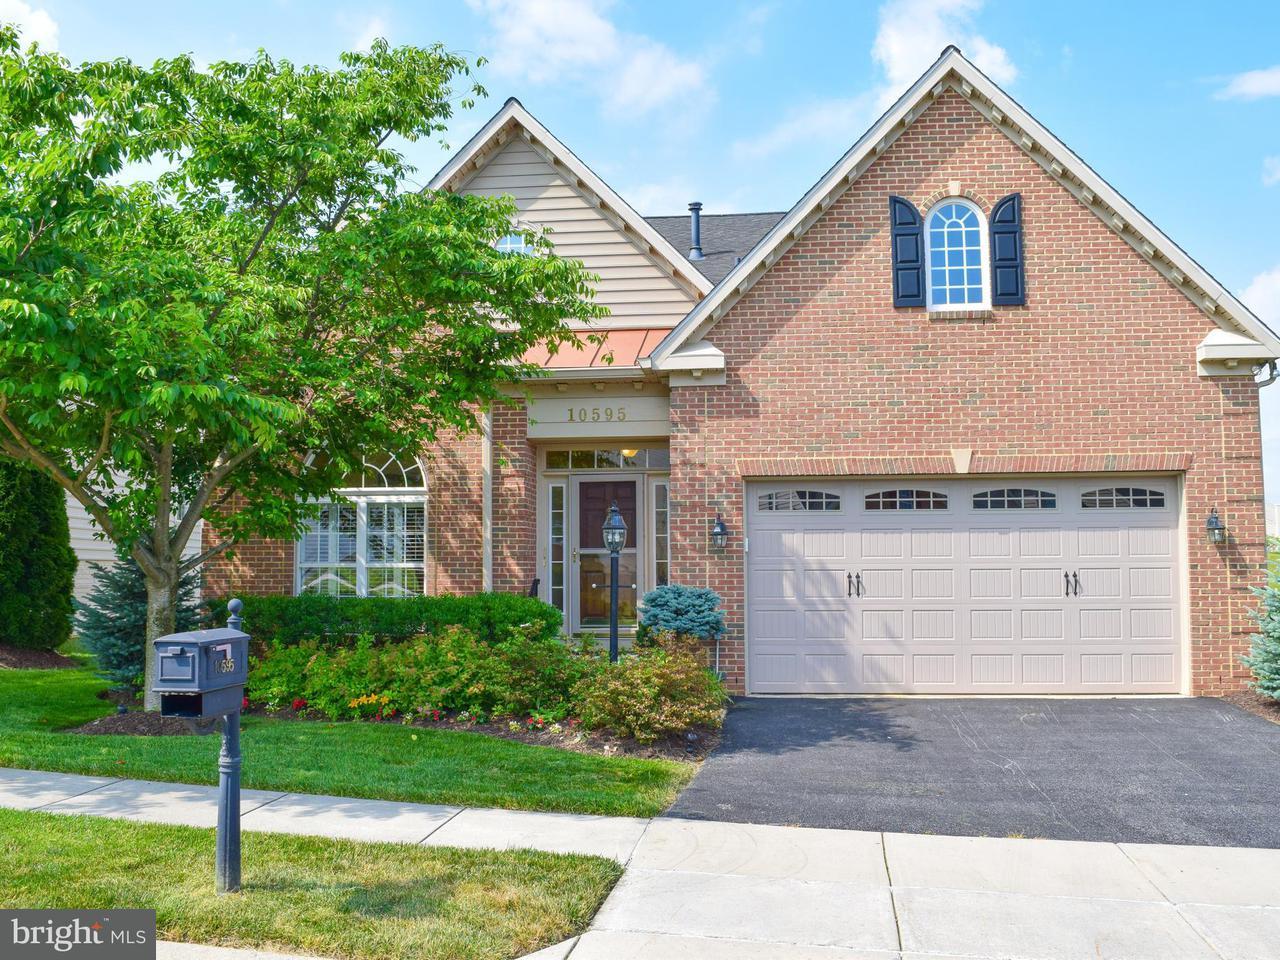 Casa Unifamiliar por un Venta en 10595 EDWARDIAN LN #58 10595 EDWARDIAN LN #58 New Market, Maryland 21774 Estados Unidos